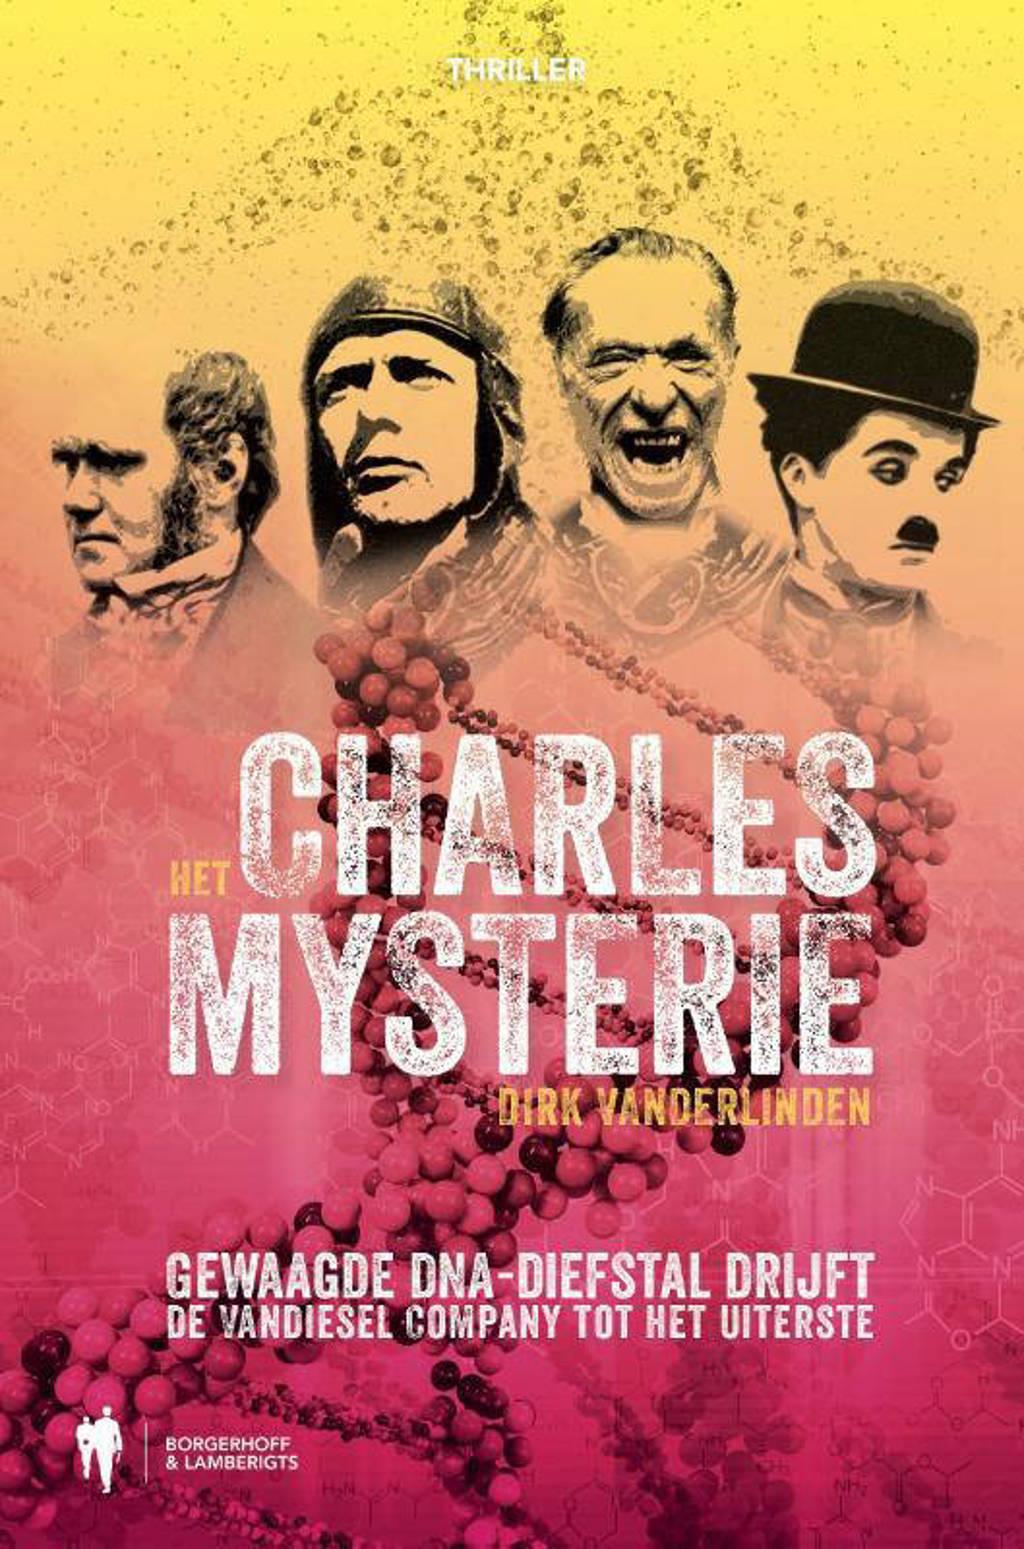 The Vandiesel Company: Het Charles mysterie - Dirk Vanderlinden